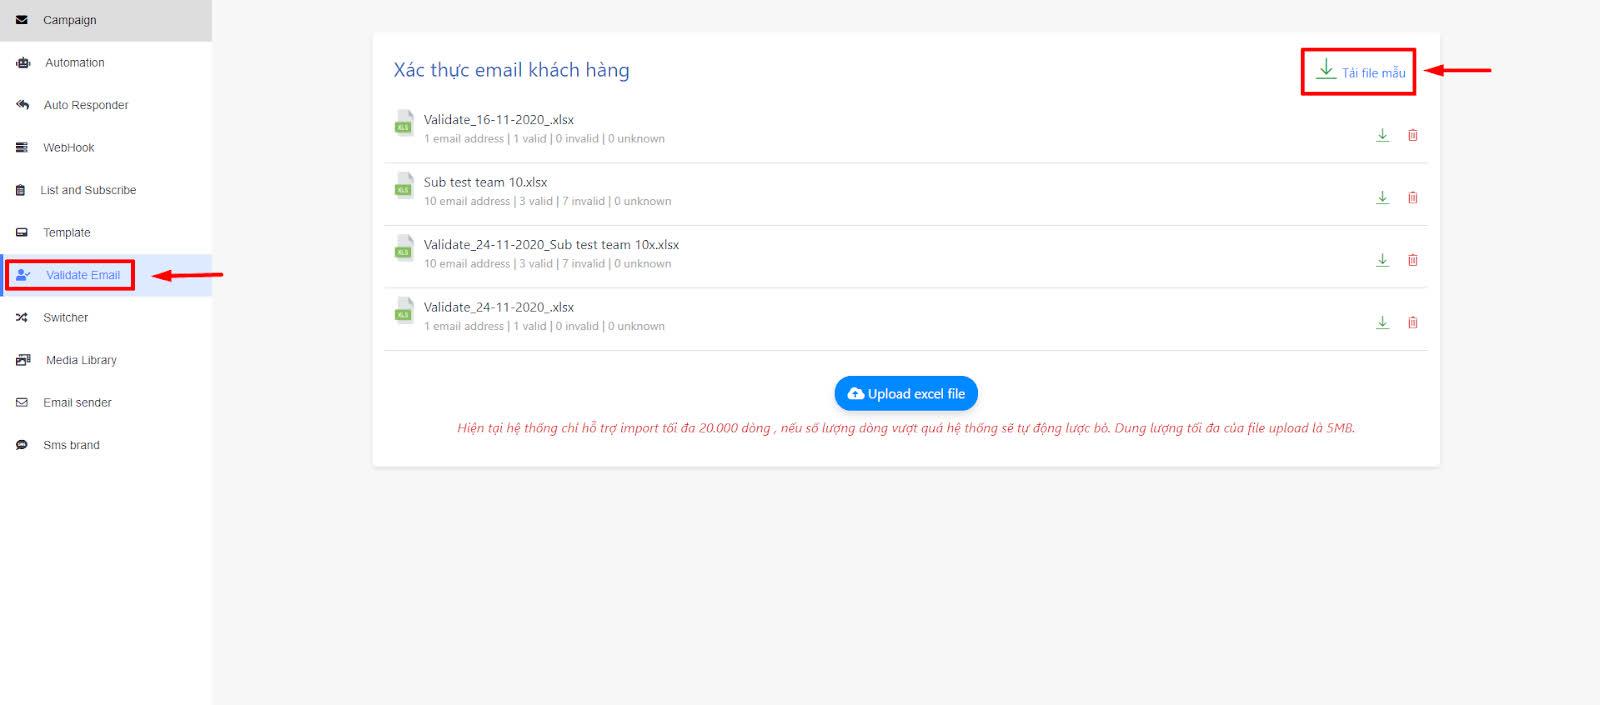 loại bớt các email rác trước khi gửi cho khách hàng bảo hiểm